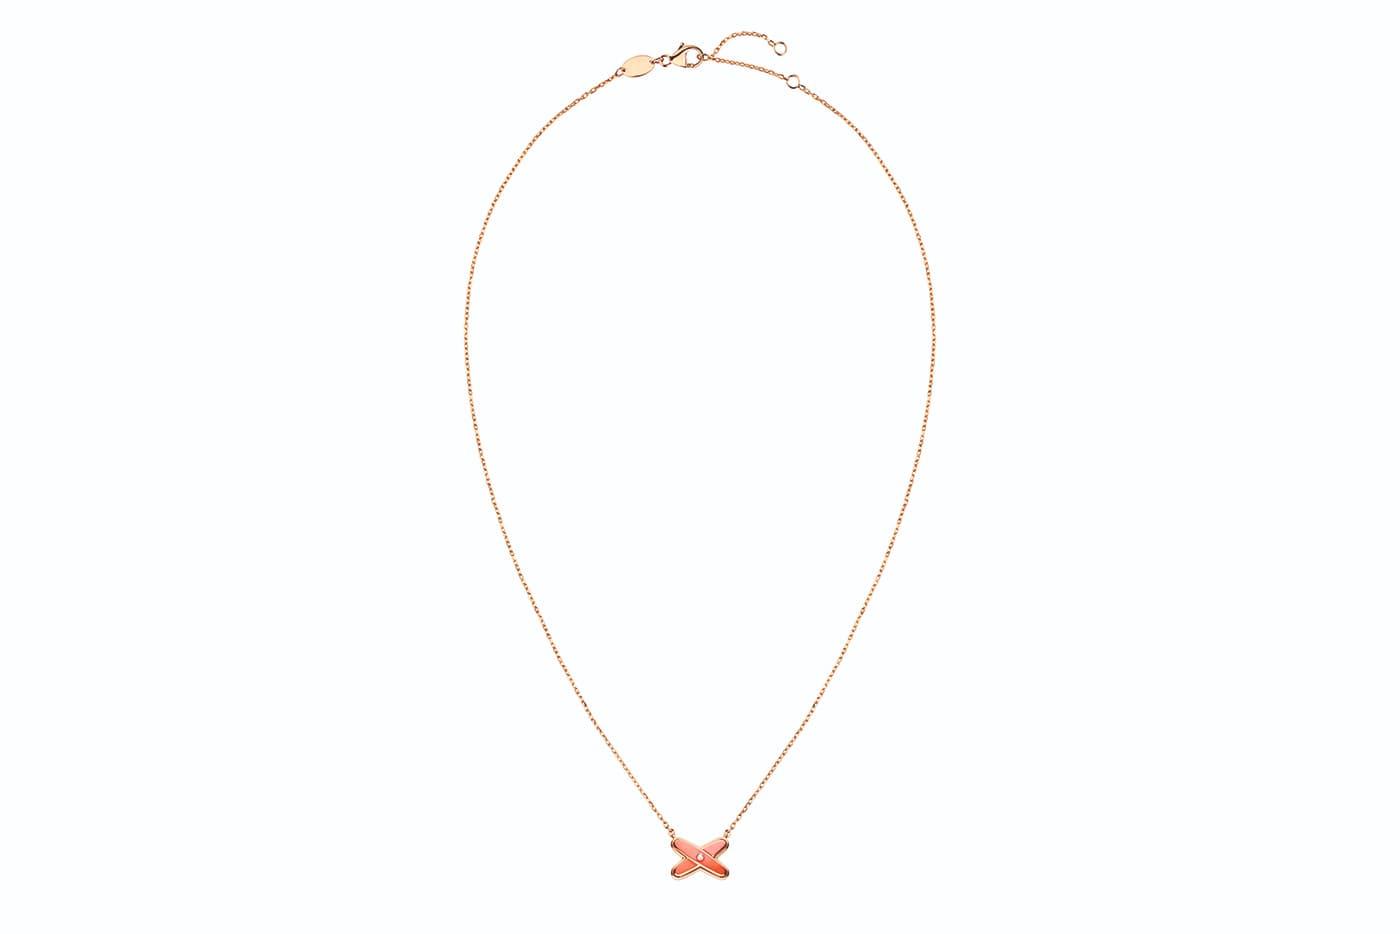 Колье Chaumet из коллекции Liens из розового золота с лаком и бриллиантами